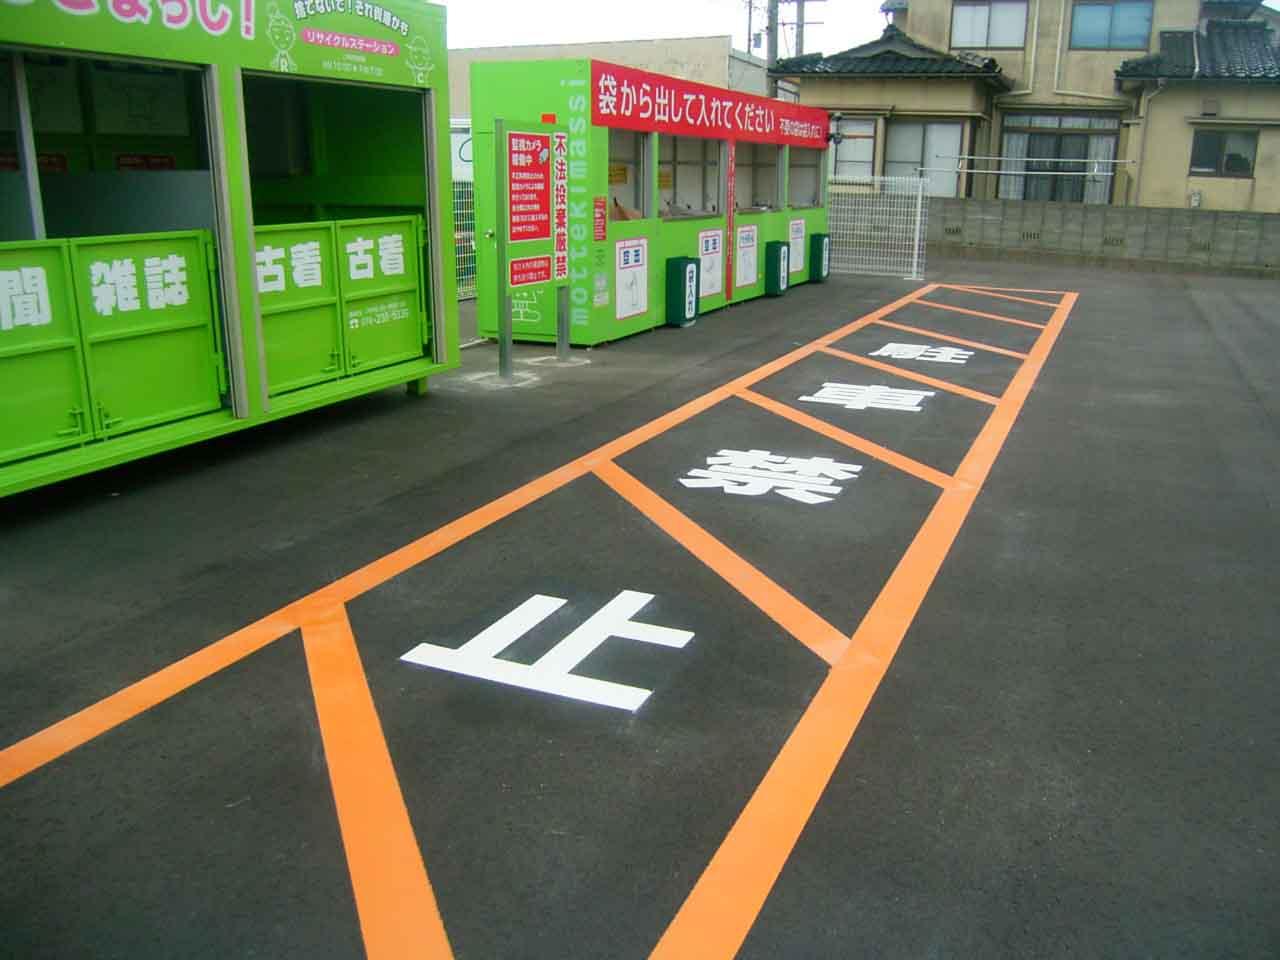 文字【駐車禁止】